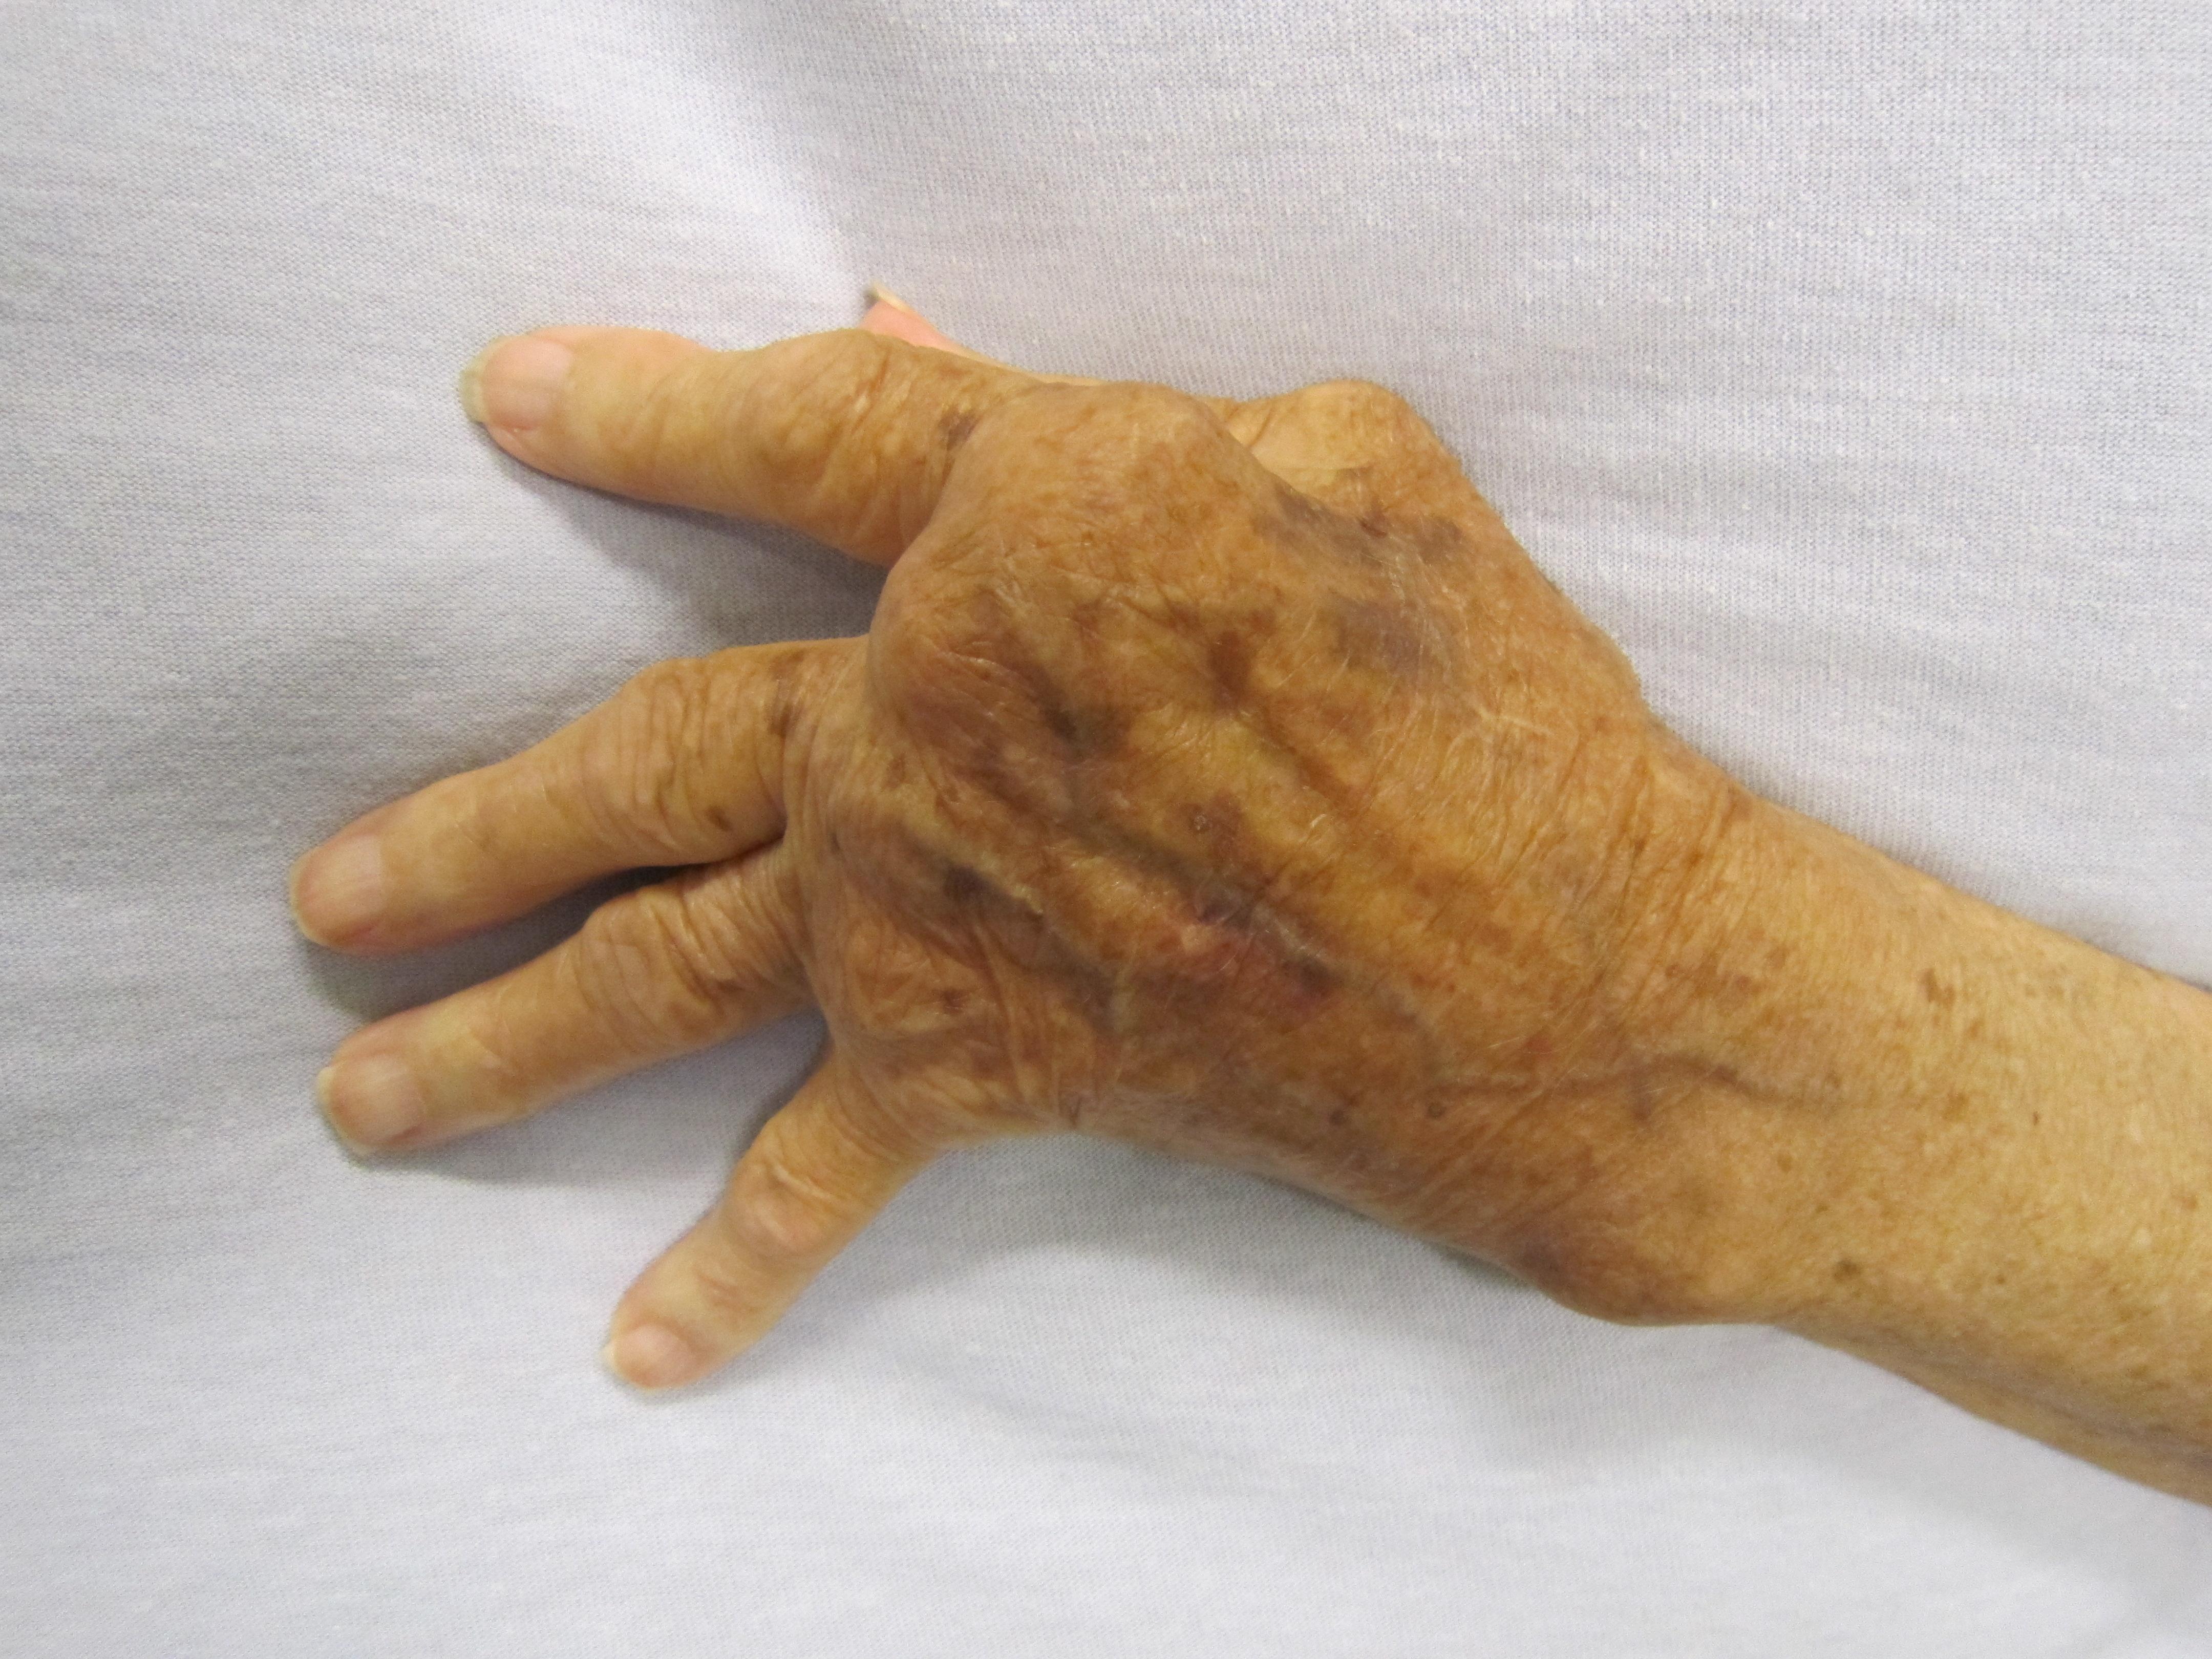 kötőszövet reuma